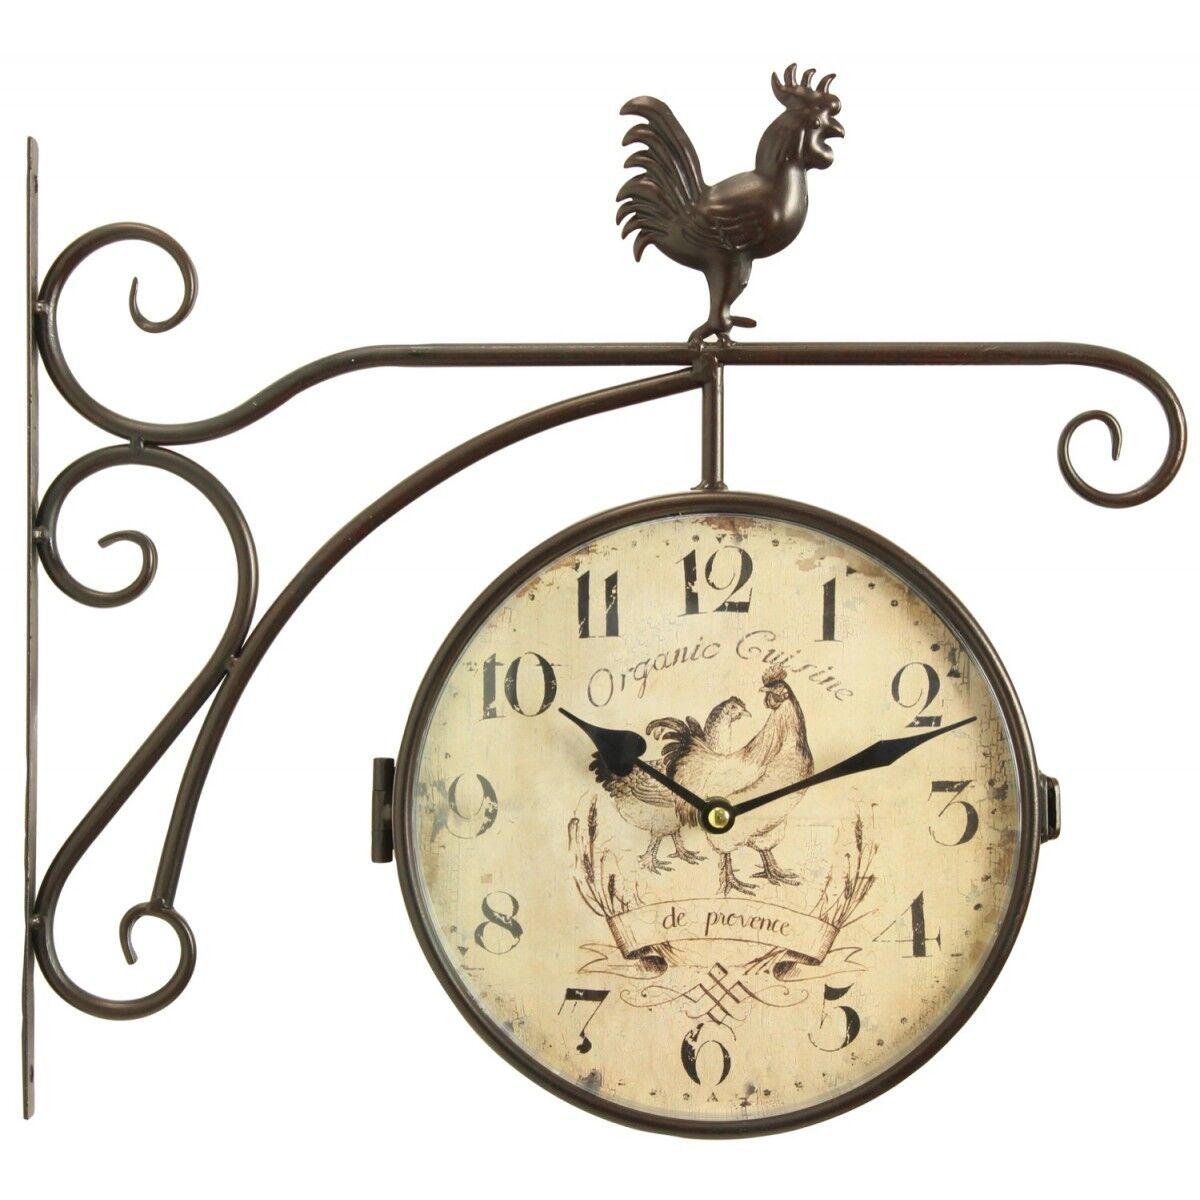 Décoration d'Autrefois Horloge De Gare Ancienne Double Face Organic Cuisine 24cm - Fer Forgé - Blanc